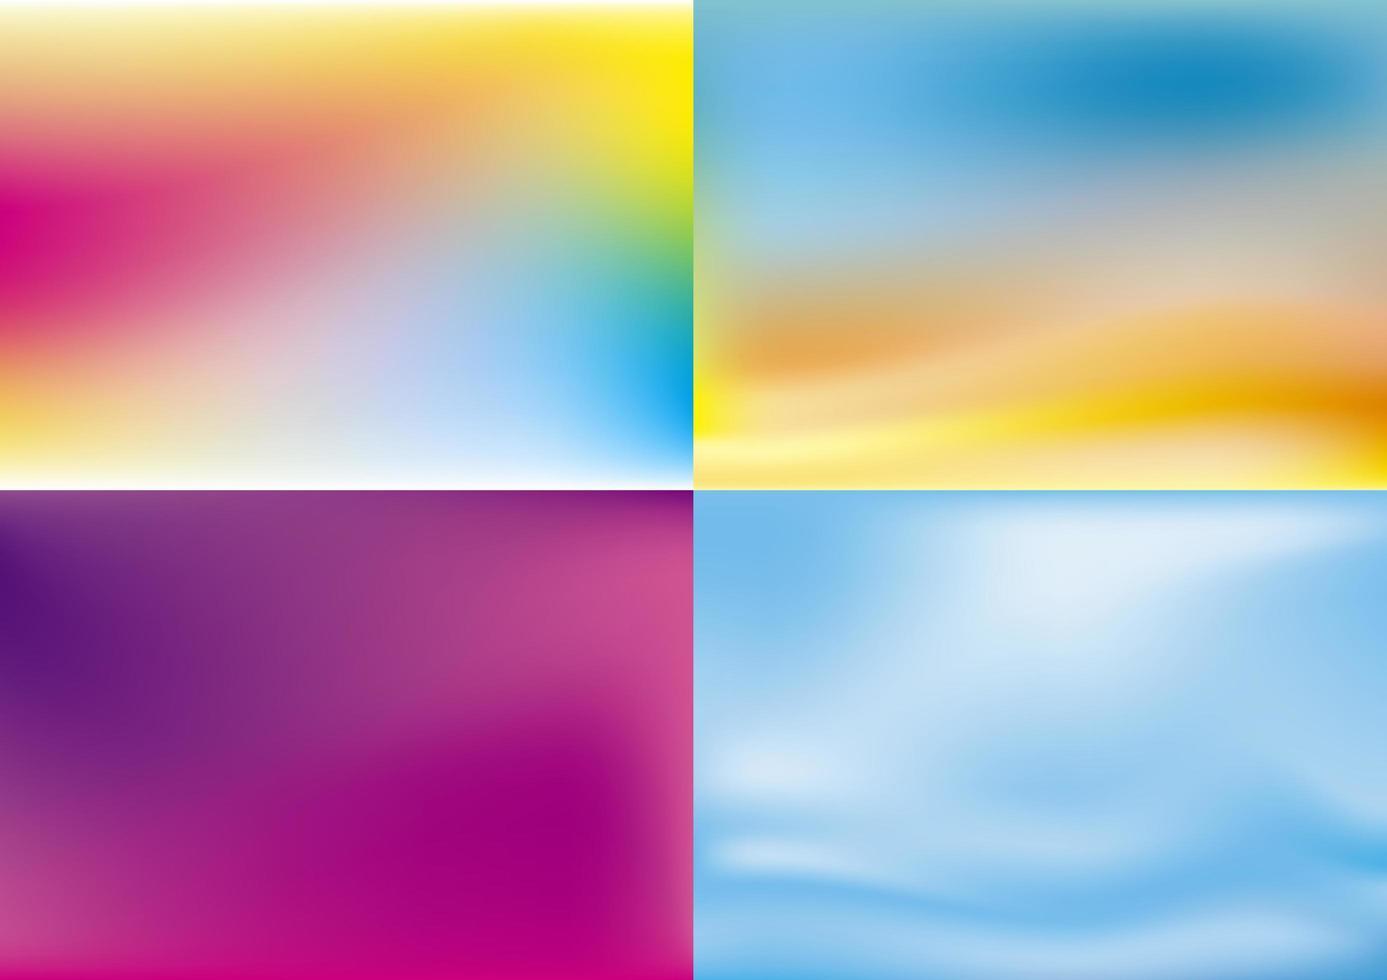 abstrakt färg designuppsättning vektor